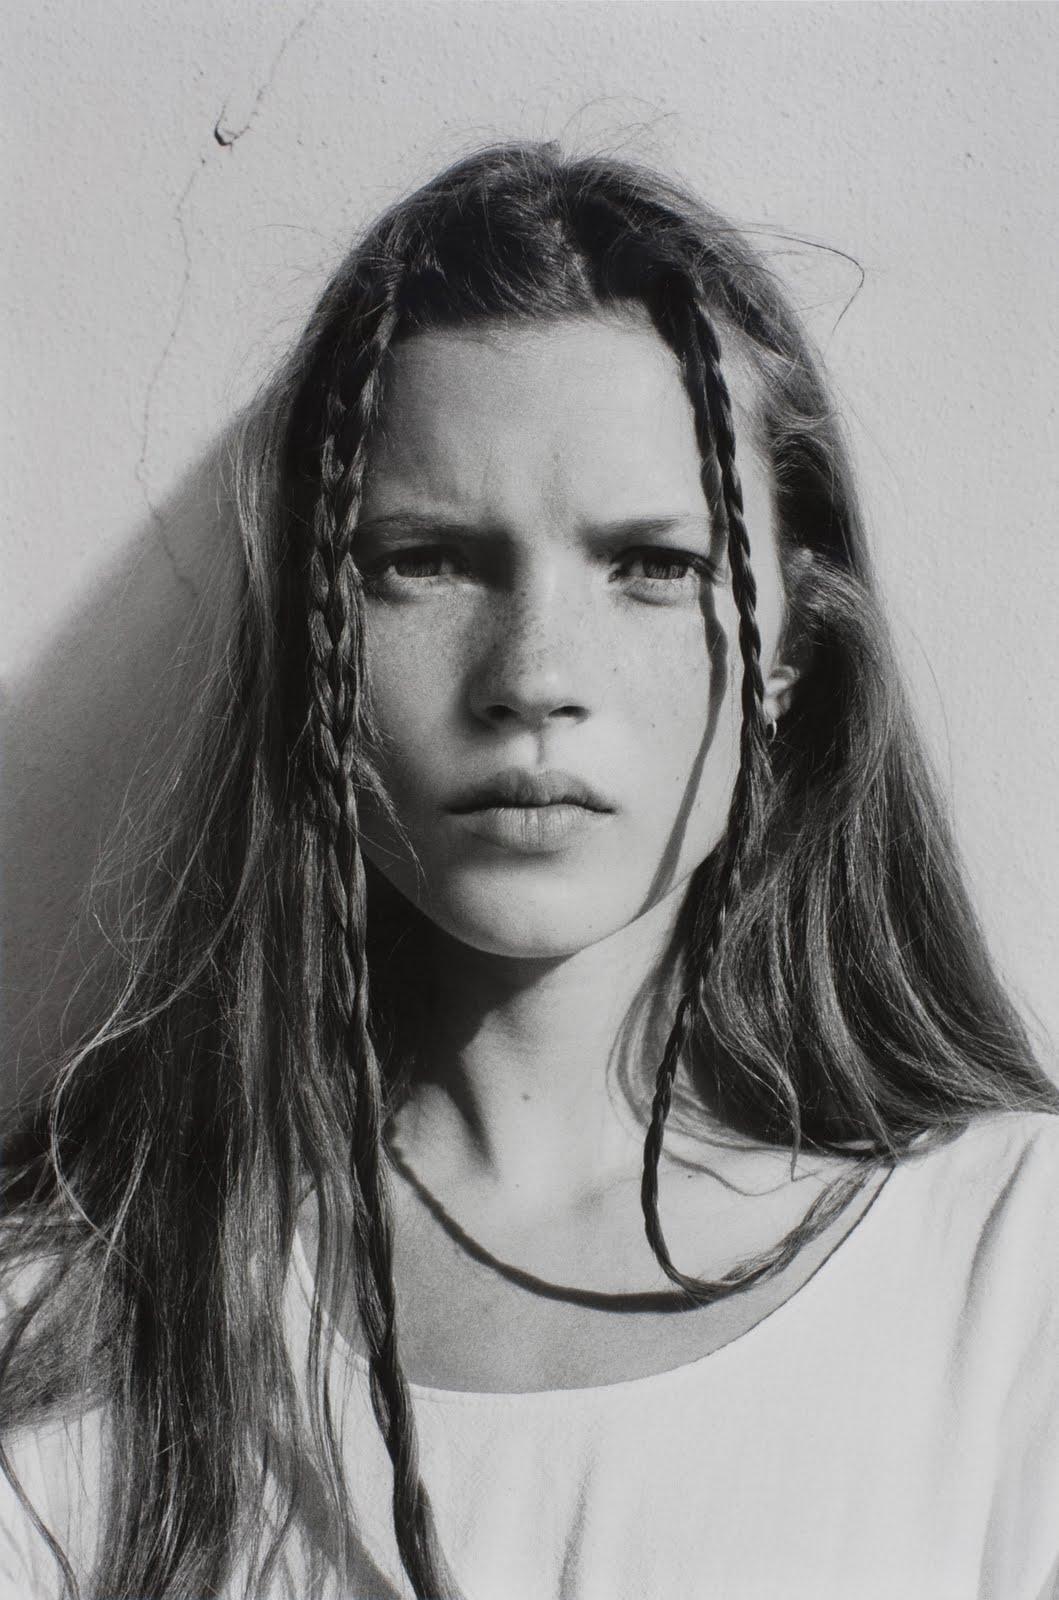 http://3.bp.blogspot.com/_PfEDx0AaRxg/TTnOYc9GivI/AAAAAAAAA7Q/kOUJSHdE_Ow/s1600/Corinne-Day-Kate-Moss-1989.jpg